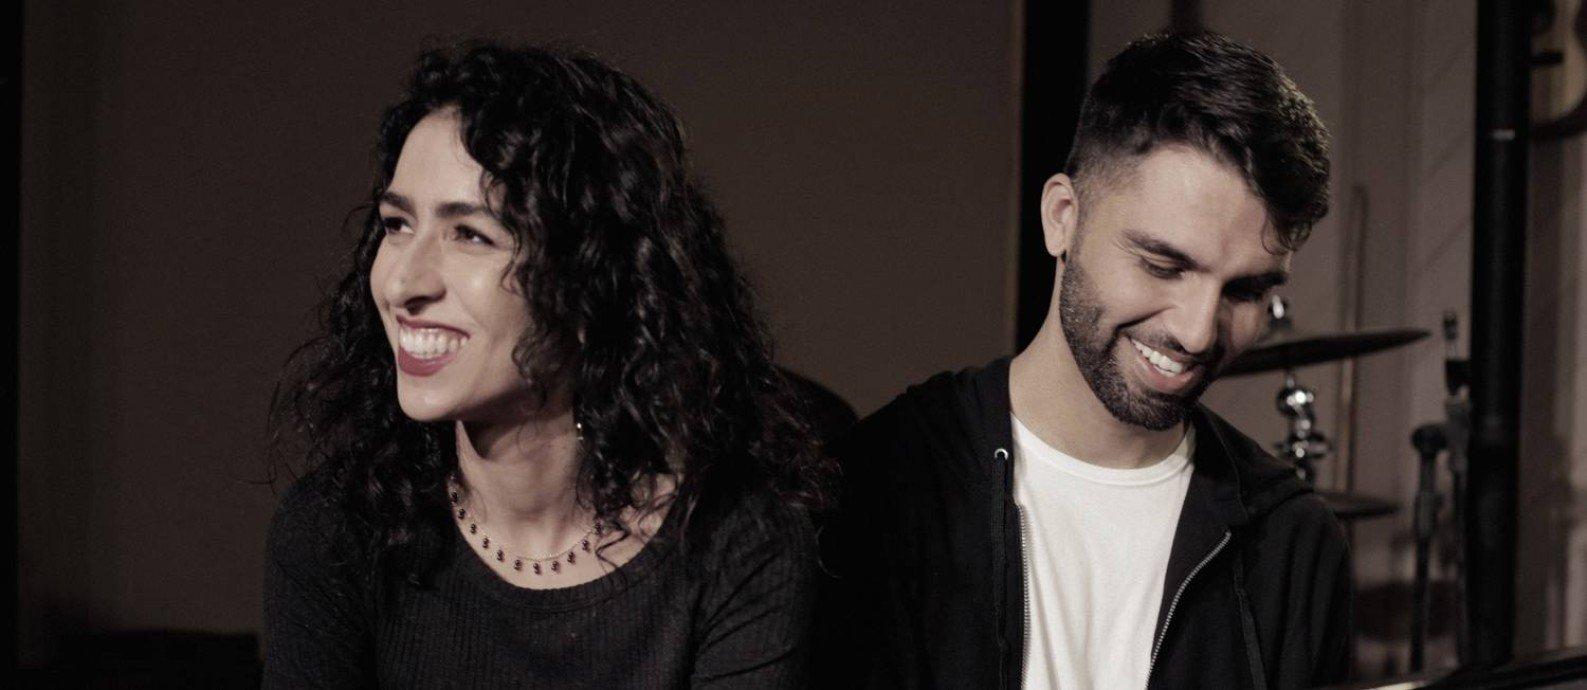 Porto Alegre: Silva canta Marisa Monte dia 9 de novembro no Teatro do Bourbon. Homenagem é baseado no álbum indicado ao Grammy Latino de Melhor Álbum de Música Popular Brasileira e viaja por mais de 30 anos de carreira de uma das vozes femininas mais icônicas do Brasil.